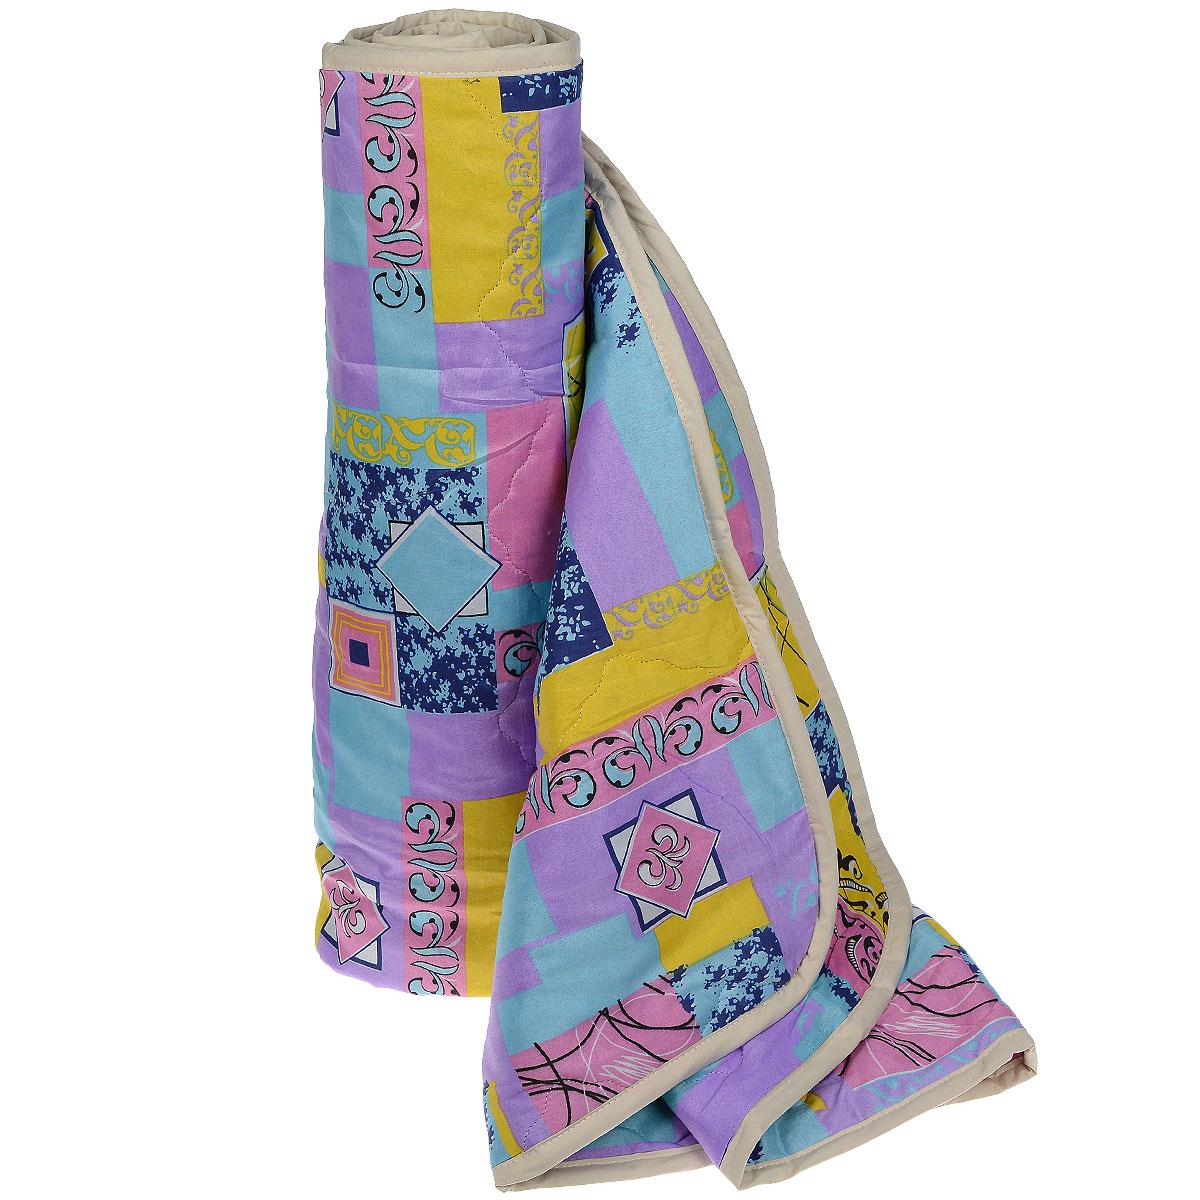 Одеяло всесезонное OL-Tex Miotex, наполнитель: полиэфирное волокно Holfiteks, 140 х 205 см МХПЭ-15-3172(32)04-ОШВсесезонное одеяло OL-Tex Miotex создаст комфорт и уют во время сна. Стеганый чехол выполнен из полиэстера и оформлен красочным рисунком. Внутри - современный наполнитель из полиэфирного высокосиликонизированного волокна Holfiteks, упругий и качественный. Холфитекс - современный экологически чистый синтетический материал, изготовленный по новейшим технологиям. Его уникальность заключается в расположении волокон, которые позволяют моментально восстанавливать форму и сохранять ее долгое время. Изделия с использованием Холфитекса очень удобны в эксплуатации - их можно часто стирать без потери потребительских свойств, они быстро высыхают, не впитывают запахов и совершенно гиппоаллергенны. Холфитекс также обеспечивает хорошую терморегуляцию, поэтому изделия с наполнителем из холфитекса очень комфортны в использовании. Одеяло с современным упругим наполнителем Холфитекс порадует вас в любое время года. Оно комфортно согревает и создает отличный микроклимат. За одеялом легко ухаживать, можно стирать в стиральной машинке.Рекомендации по уходу:- Ручная и машинная стирка при температуре 30°С.- Не гладить.- Не отбеливать. - Нельзя отжимать и сушить в стиральной машине.- Сушить вертикально. Размер одеяла: 140 см х 205 см. Материал чехла: 100% полиэстер. Материал наполнителя: полиэфирное высокосиликонизированное волокно Holfiteks. Плотность наполнителя: 300 г/м2.Уважаемые клиенты! Обращаем ваше внимание на цветовой ассортимент товара. Поставка осуществляется в зависимости от наличия на складе.